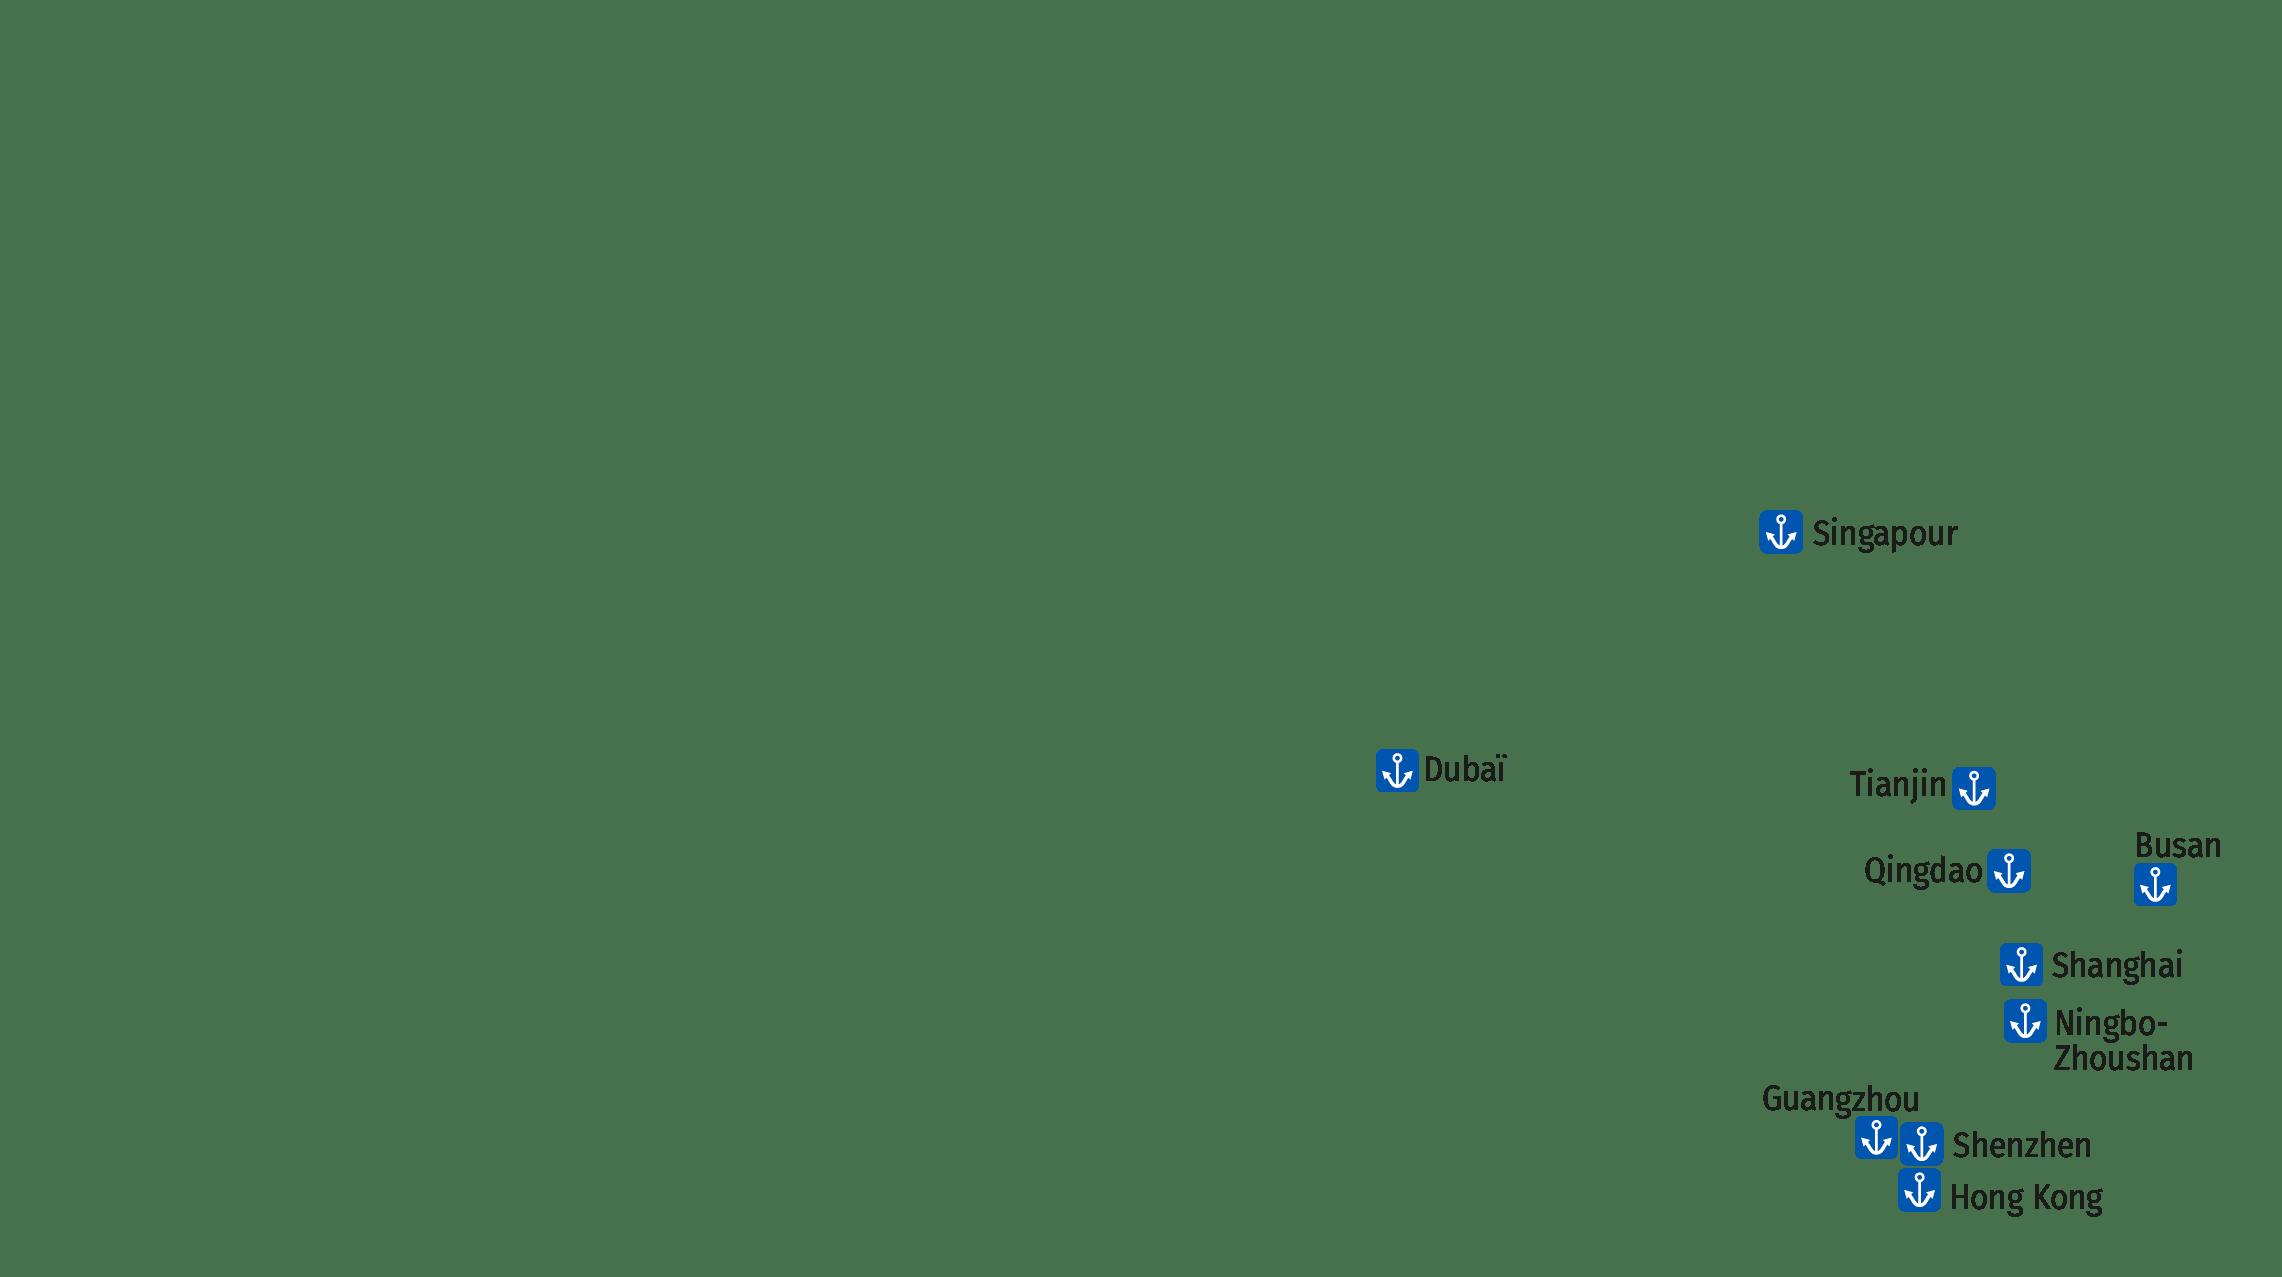 principaux ports de conteneurs